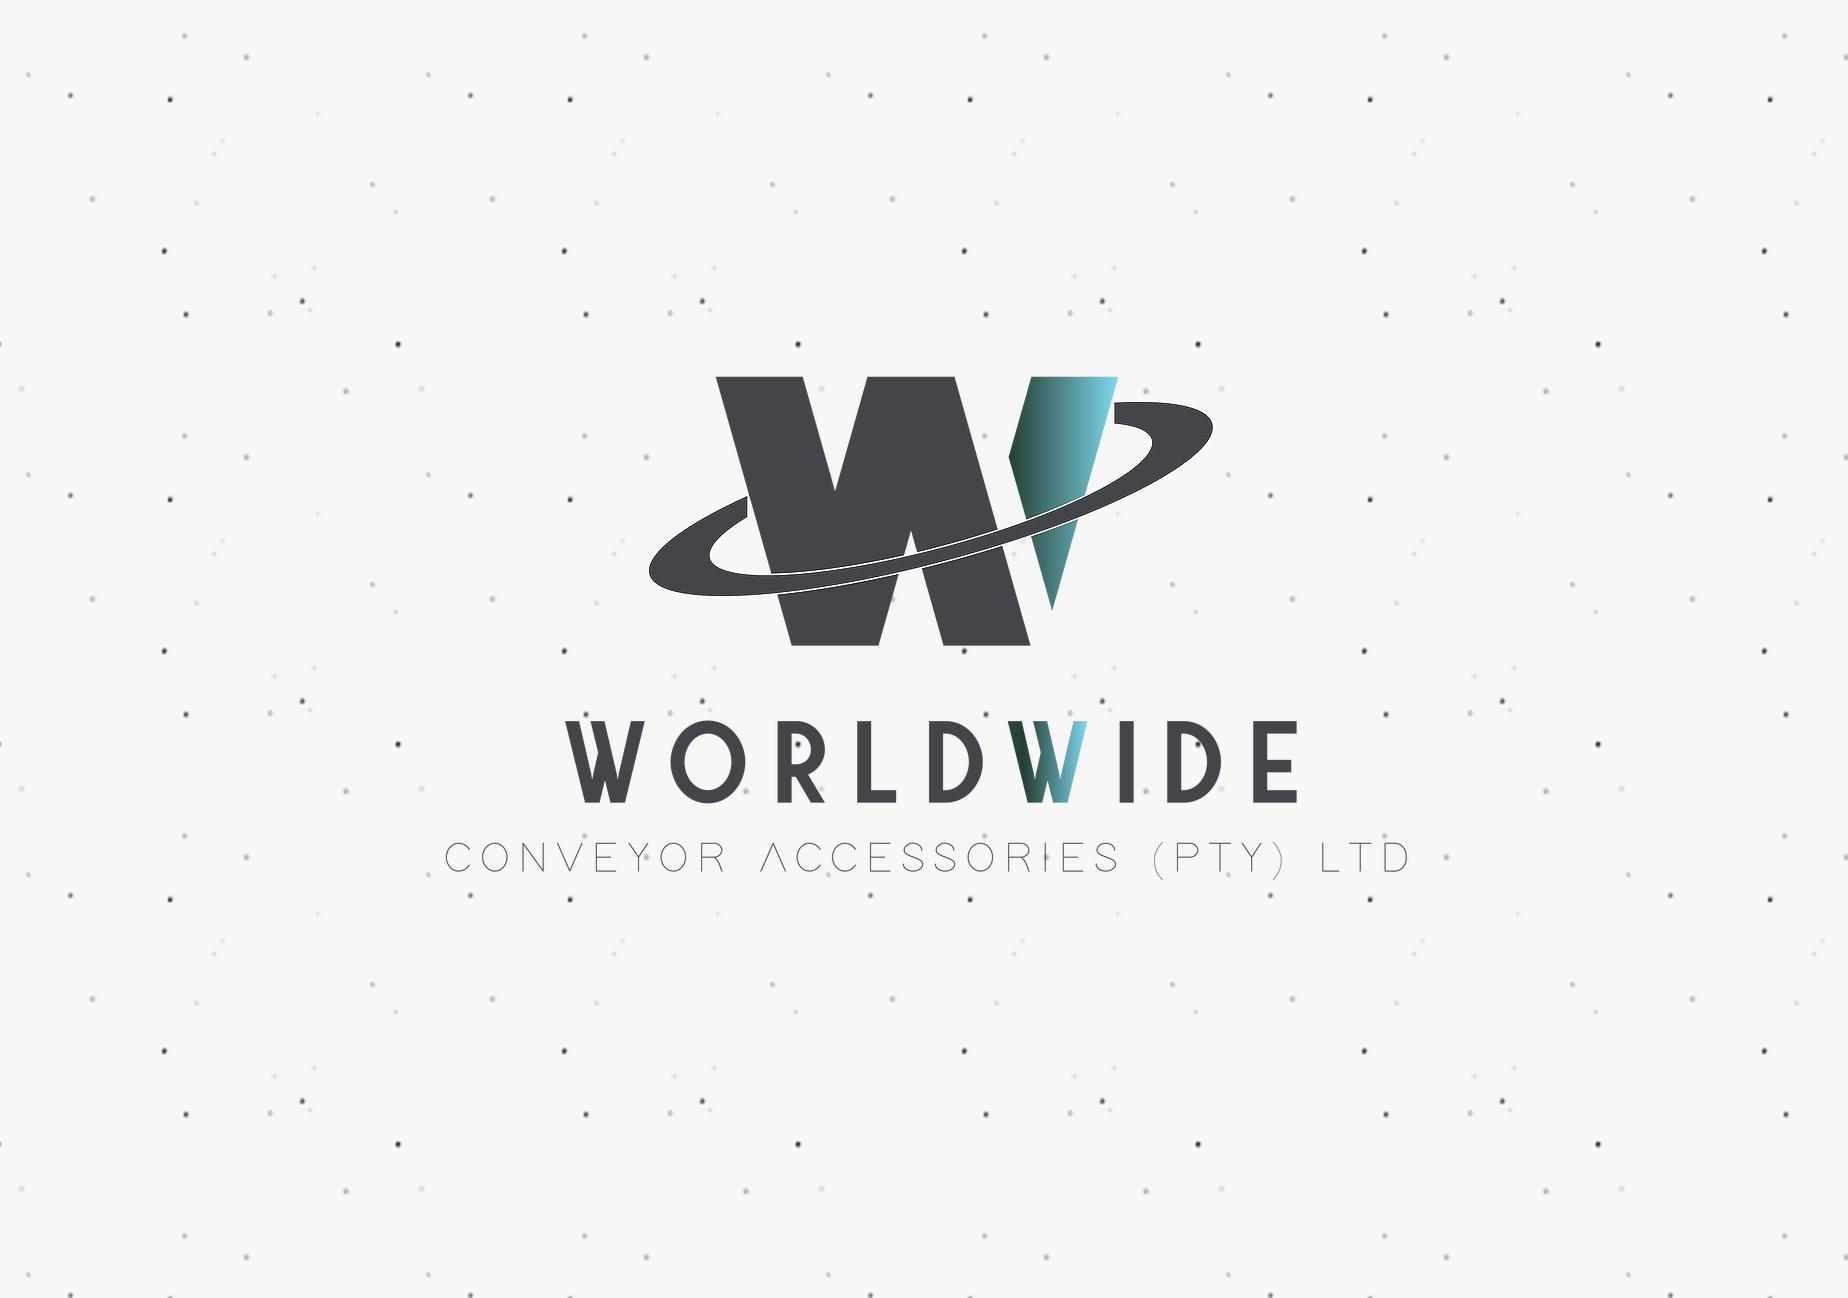 Worldwide Conveyor